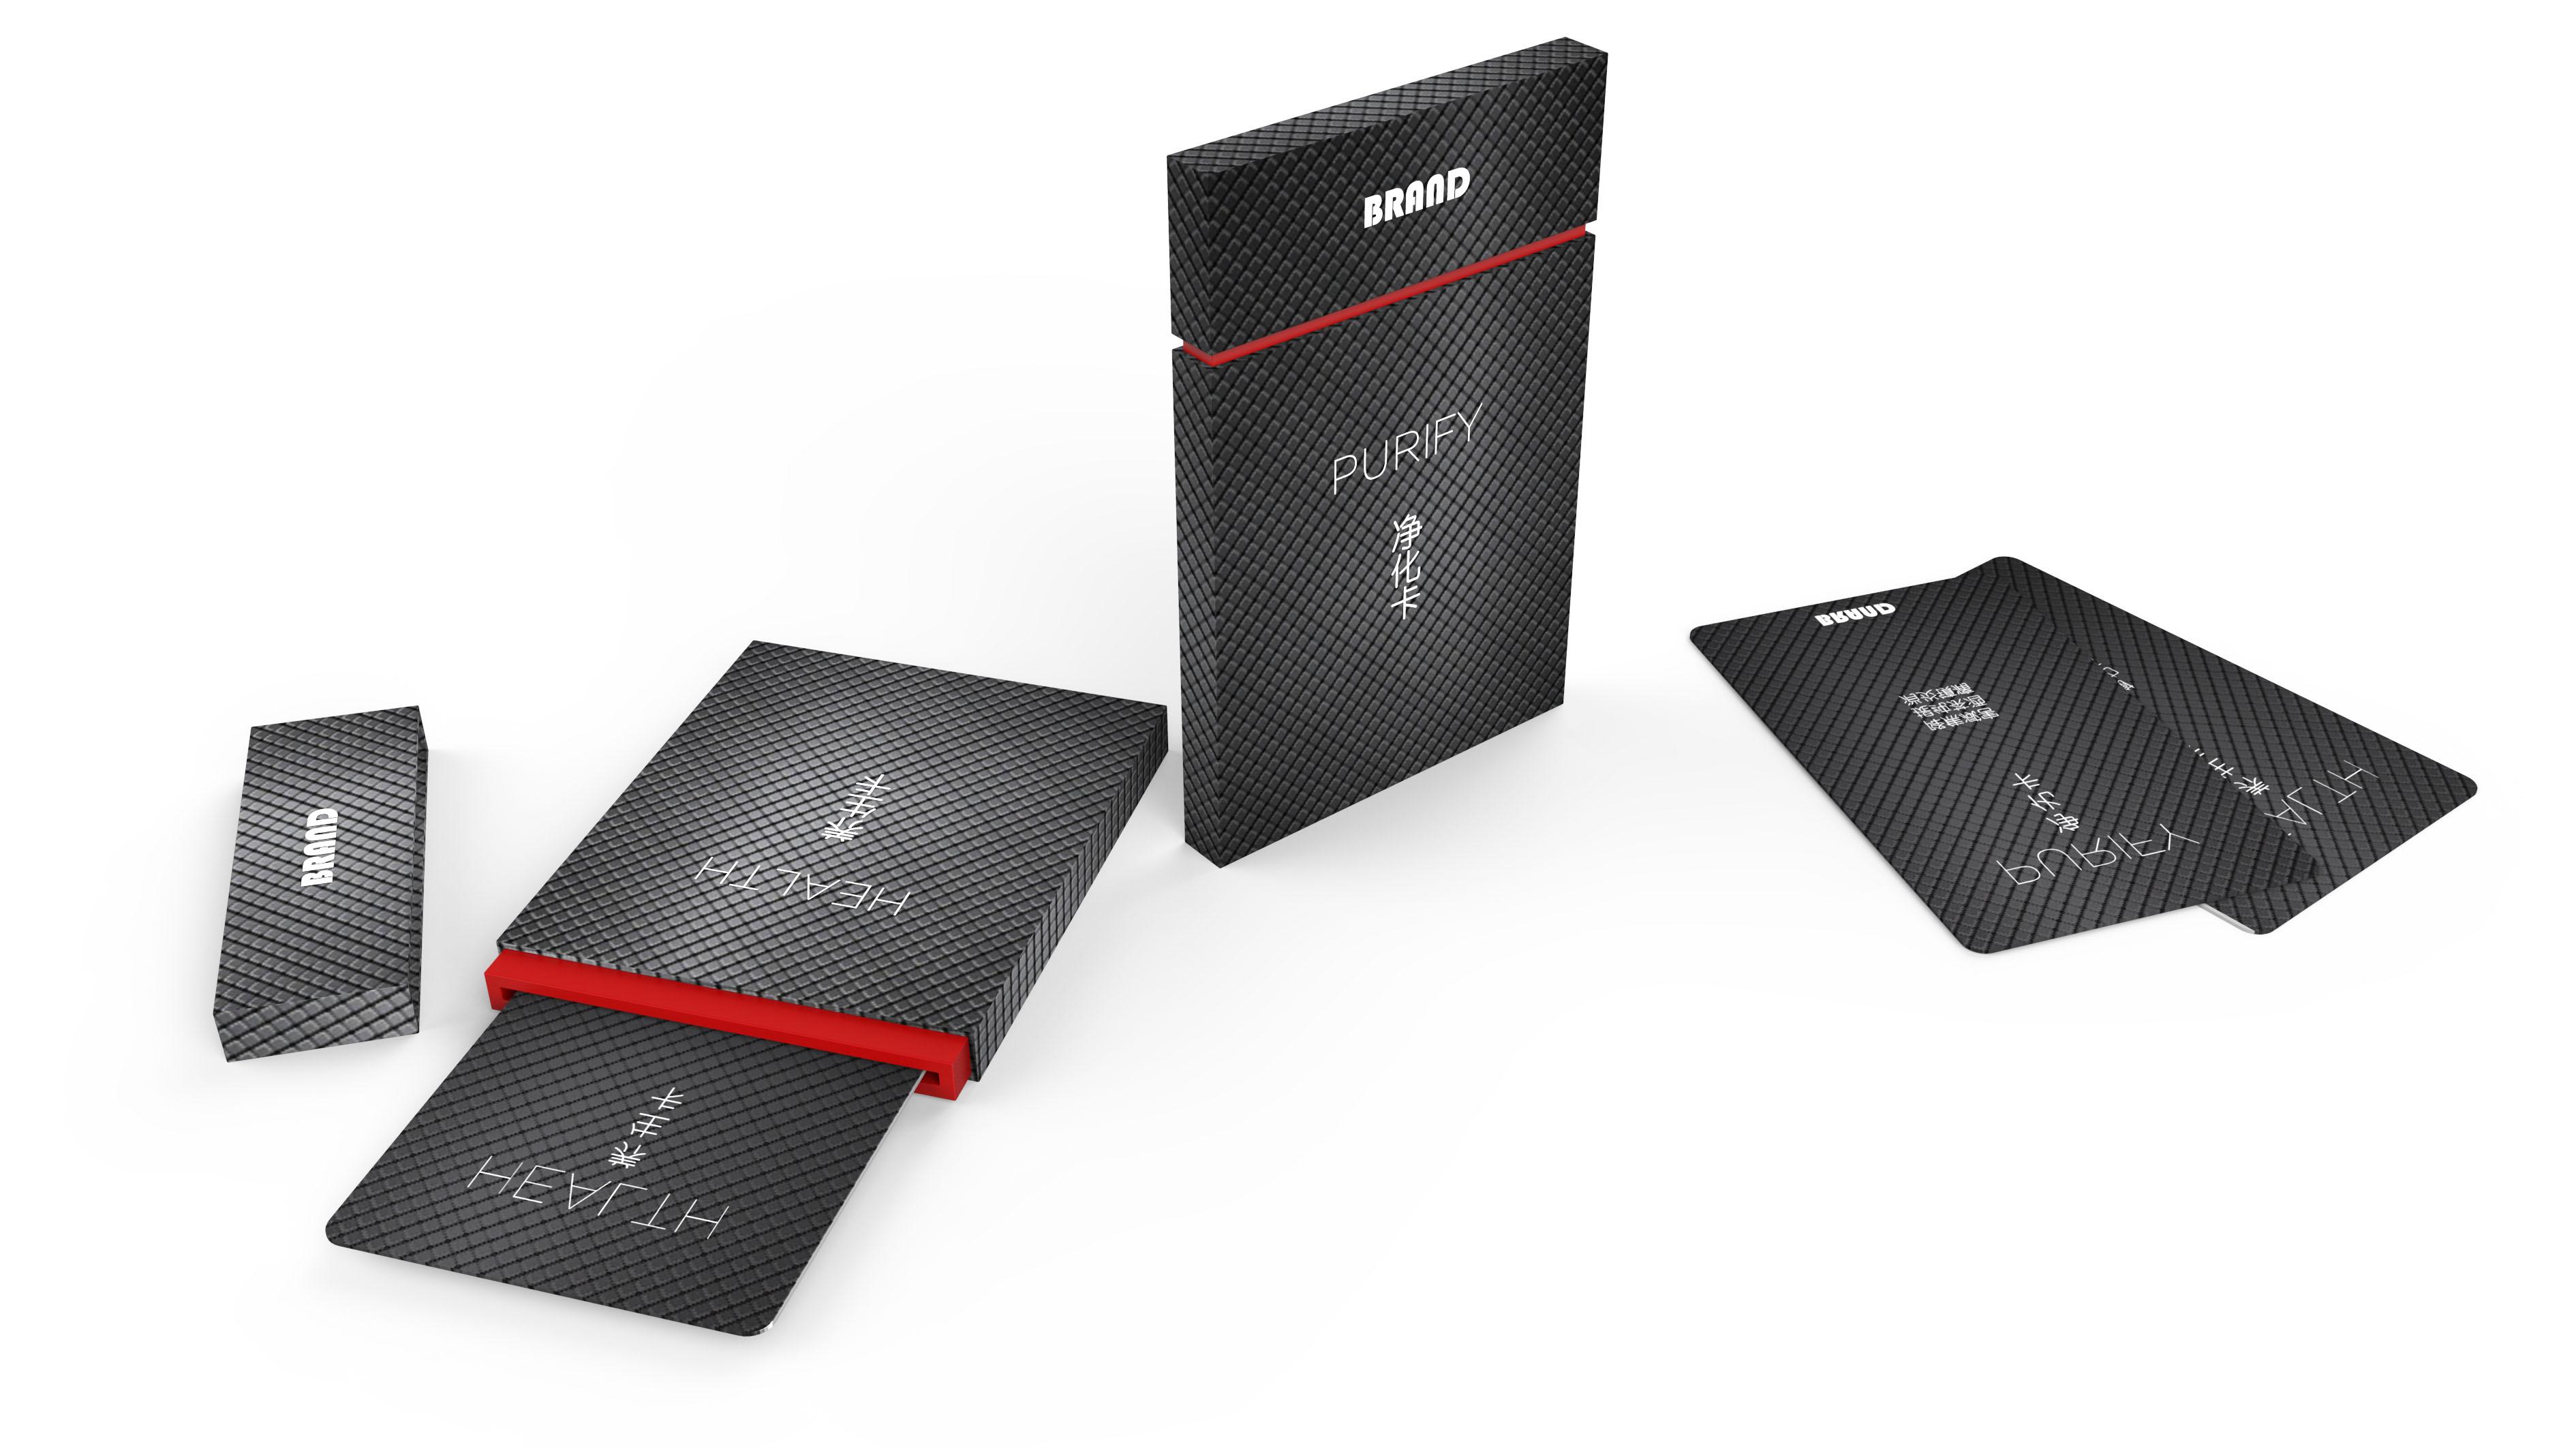 包装盒设计/礼盒设计/运输包装设计/商务感/科技感/高端